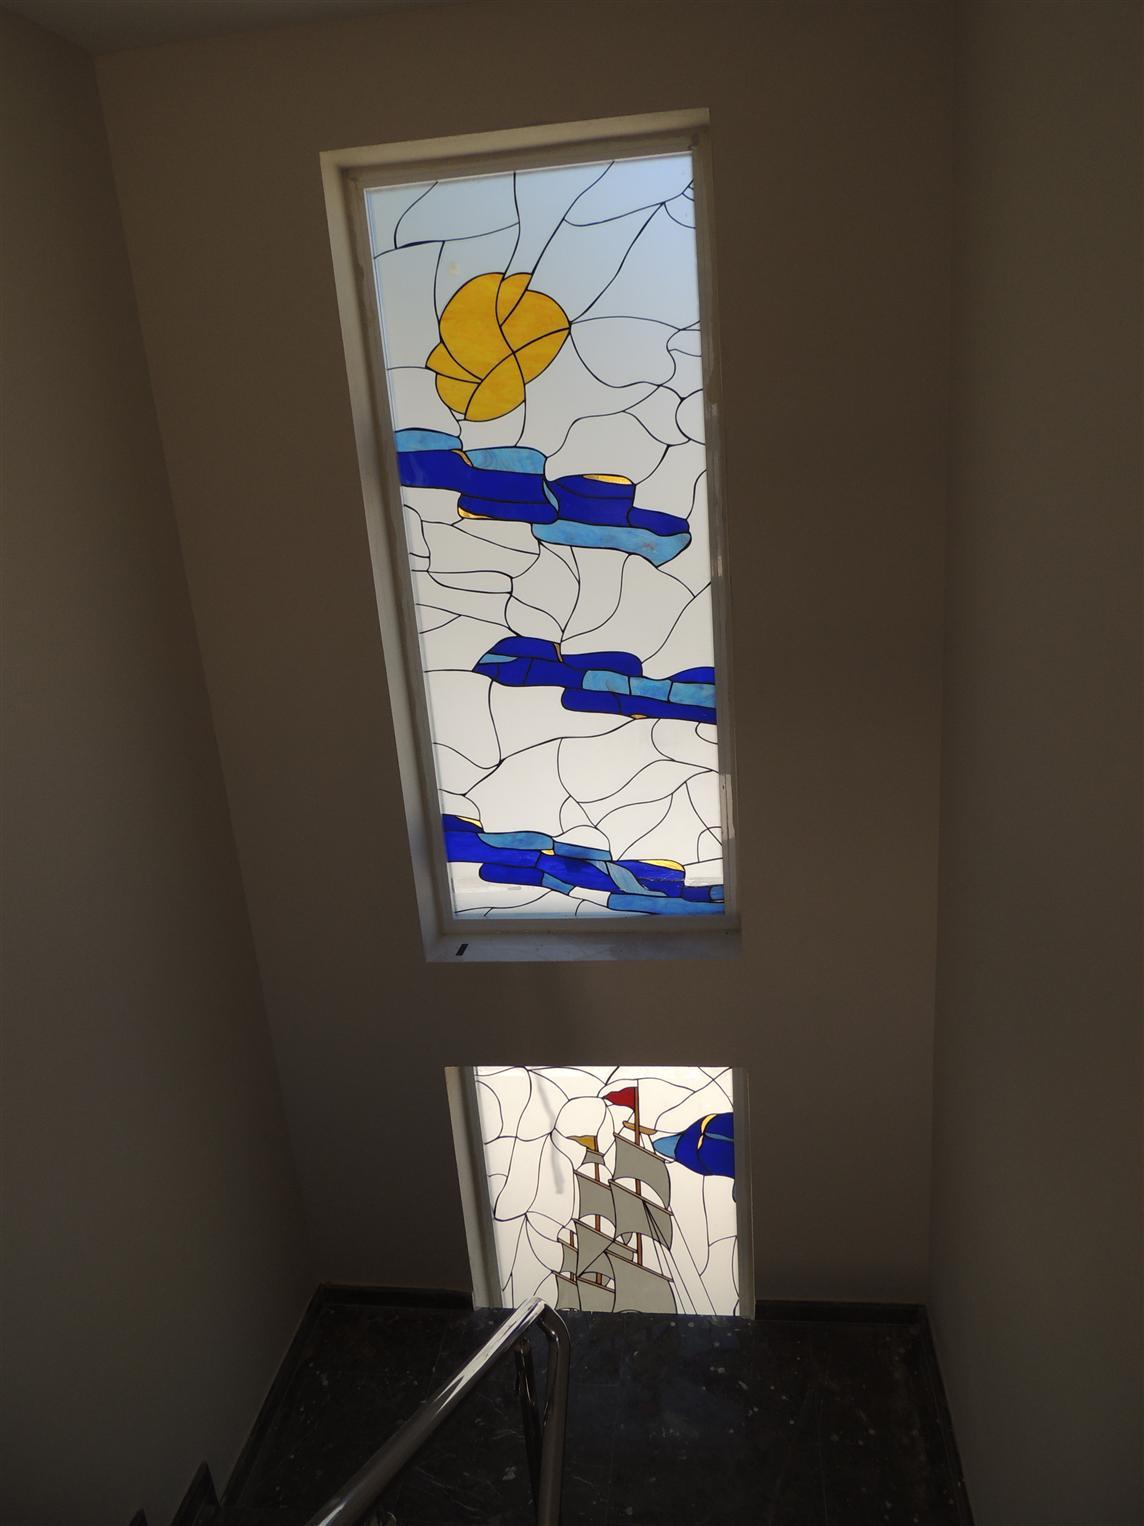 izka-insaat-life-port-evleri2015921164744681.jpg izmir vitray çalışması